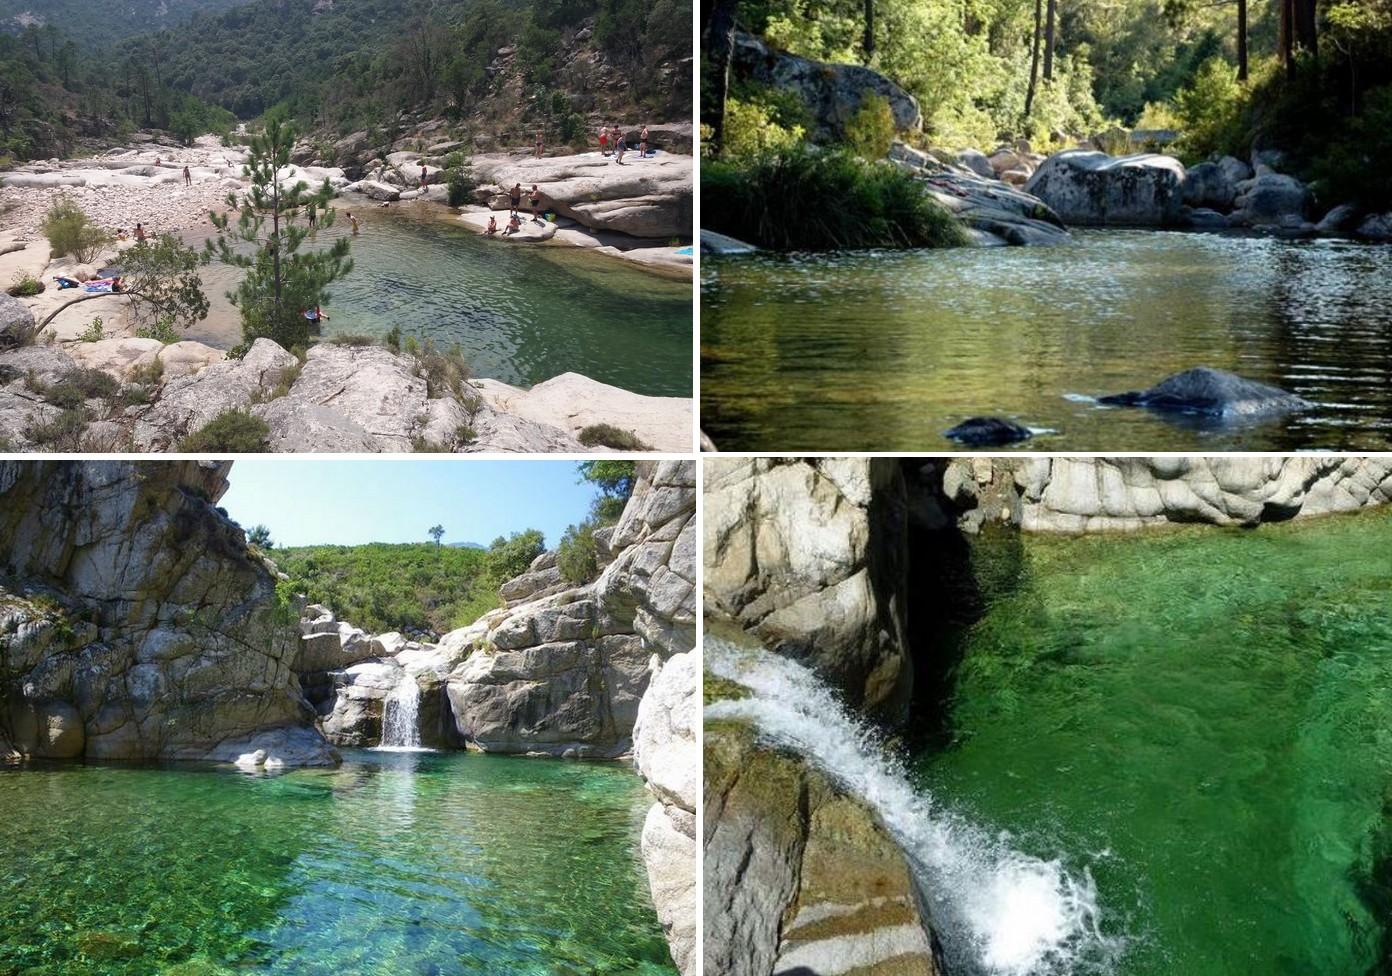 piscines-naturelles-vallee-cavu-corse